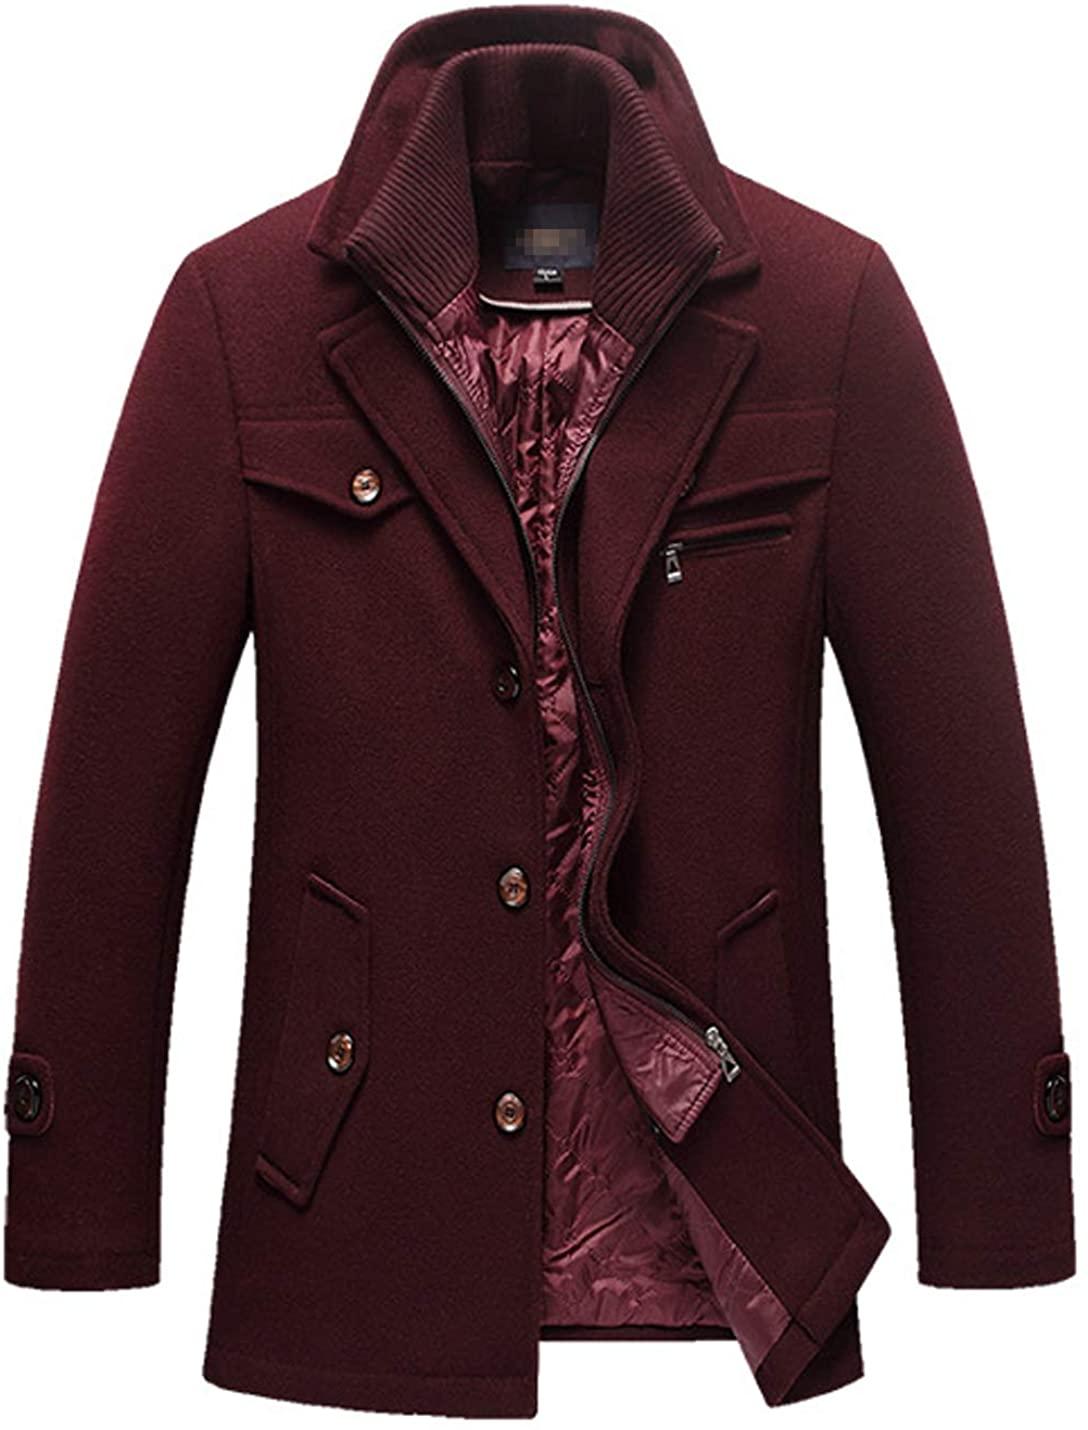 D.B.M Men's Thick Warm Lapel Double Layer Detachable Collar Woolen Coat